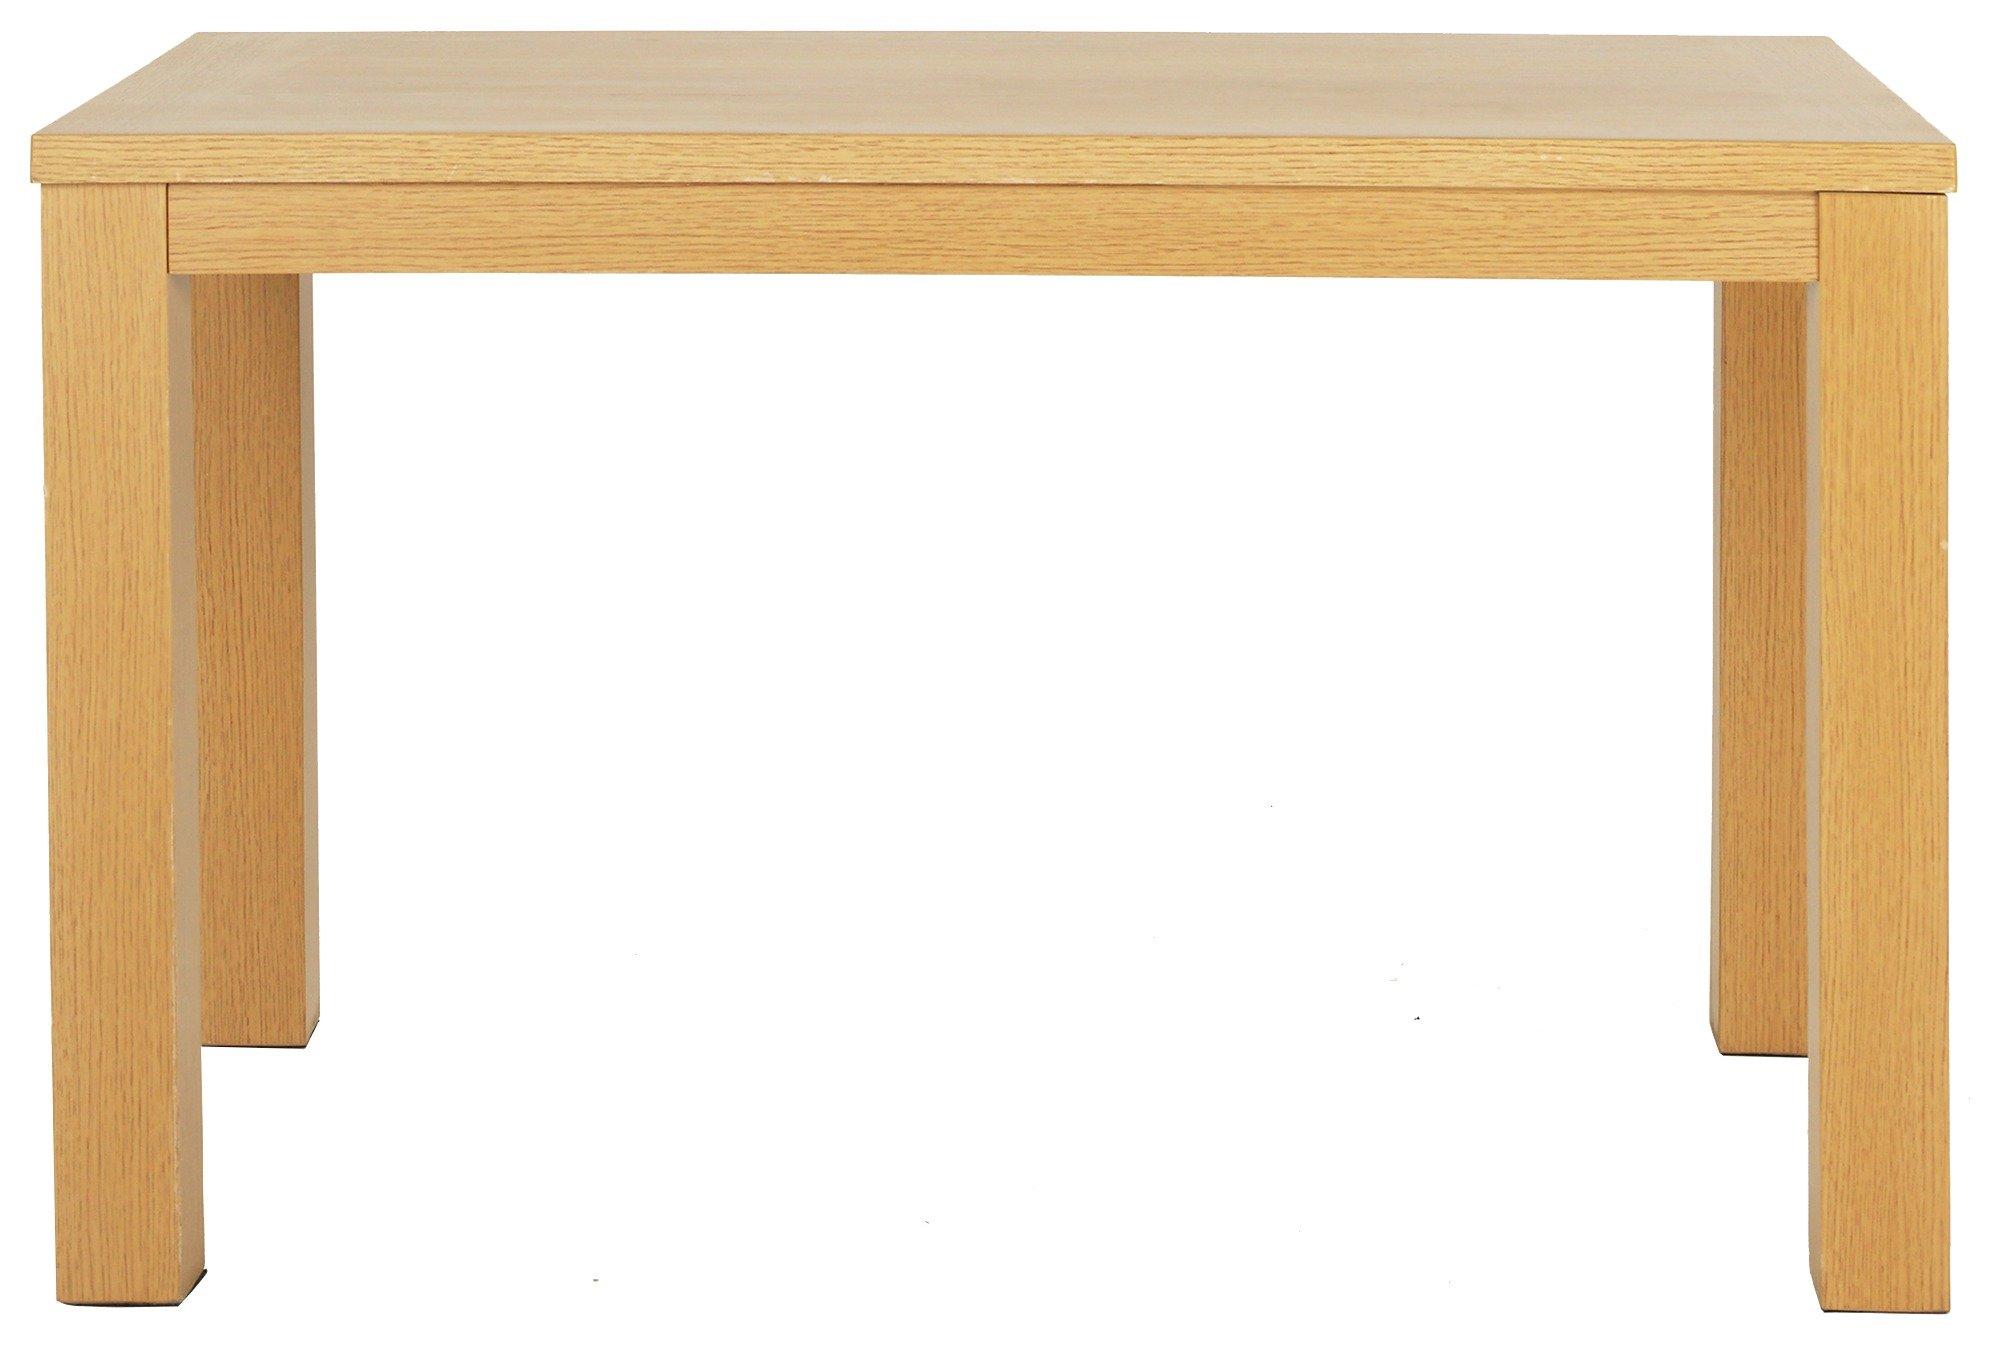 Image of HOME - Pemberton 150cm Oak Veneer - Dining Table